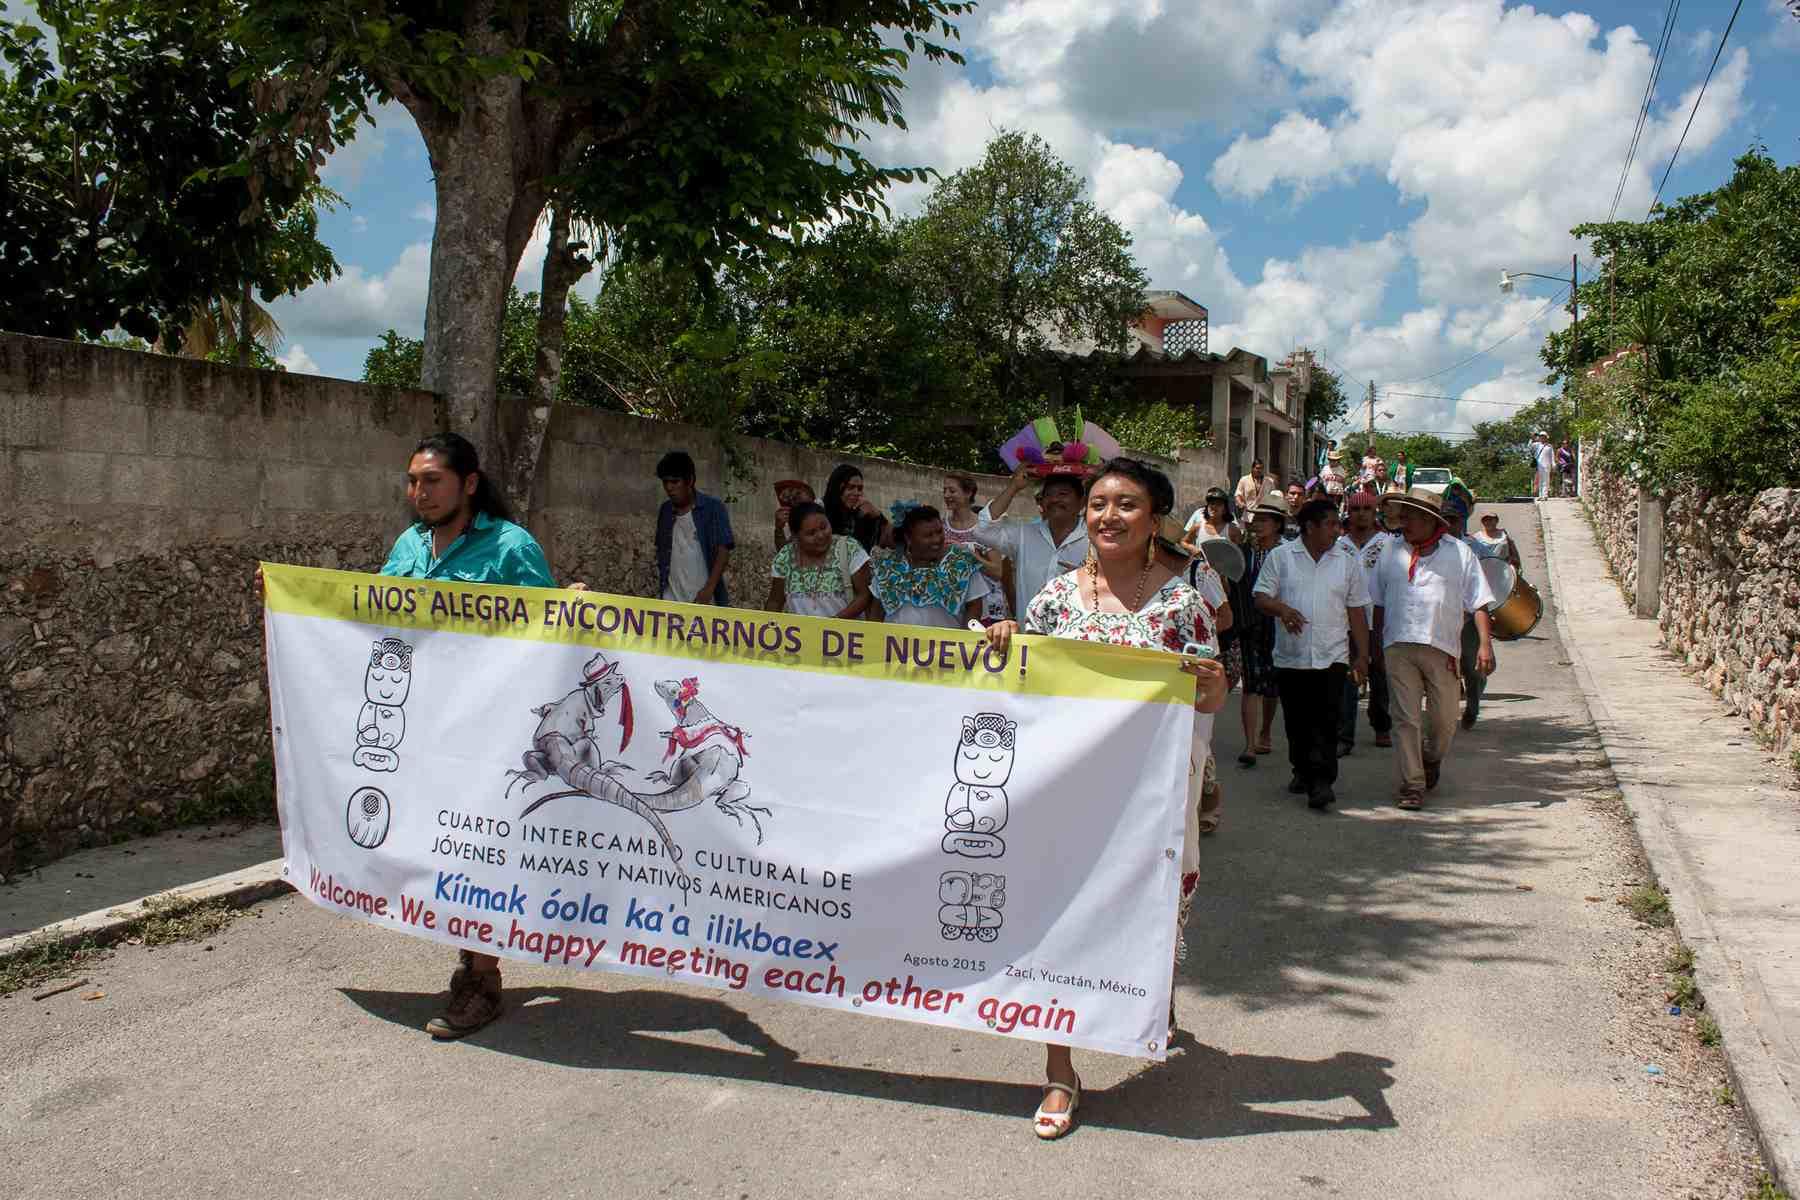 Cultural exchange parade in Saci, Yucatan